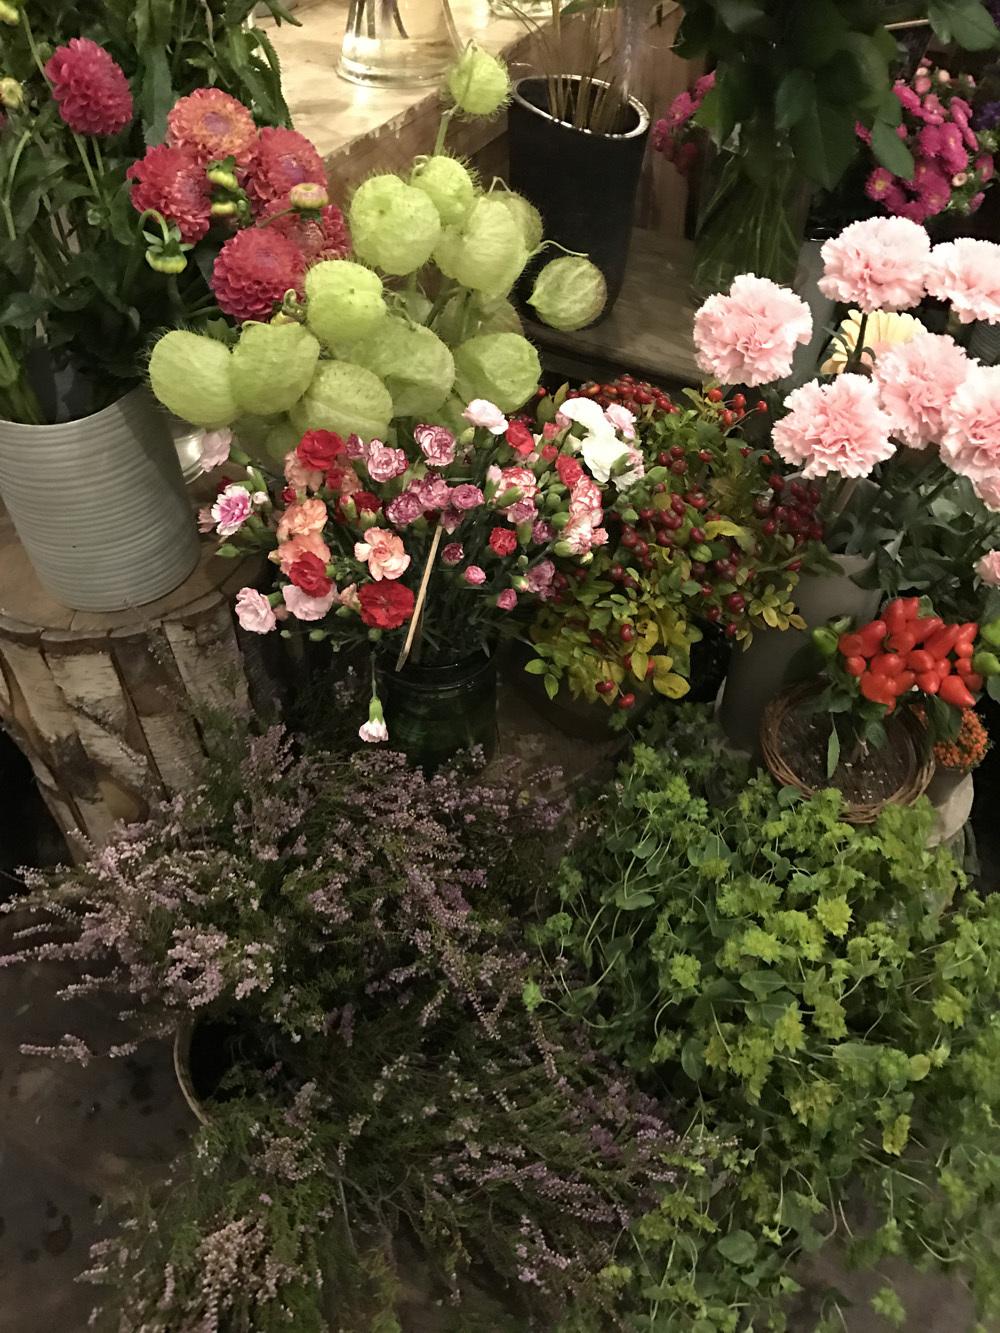 パリのお花屋さん・marianne のバースデー(パリ便り その2)_c0176078_15060211.jpg